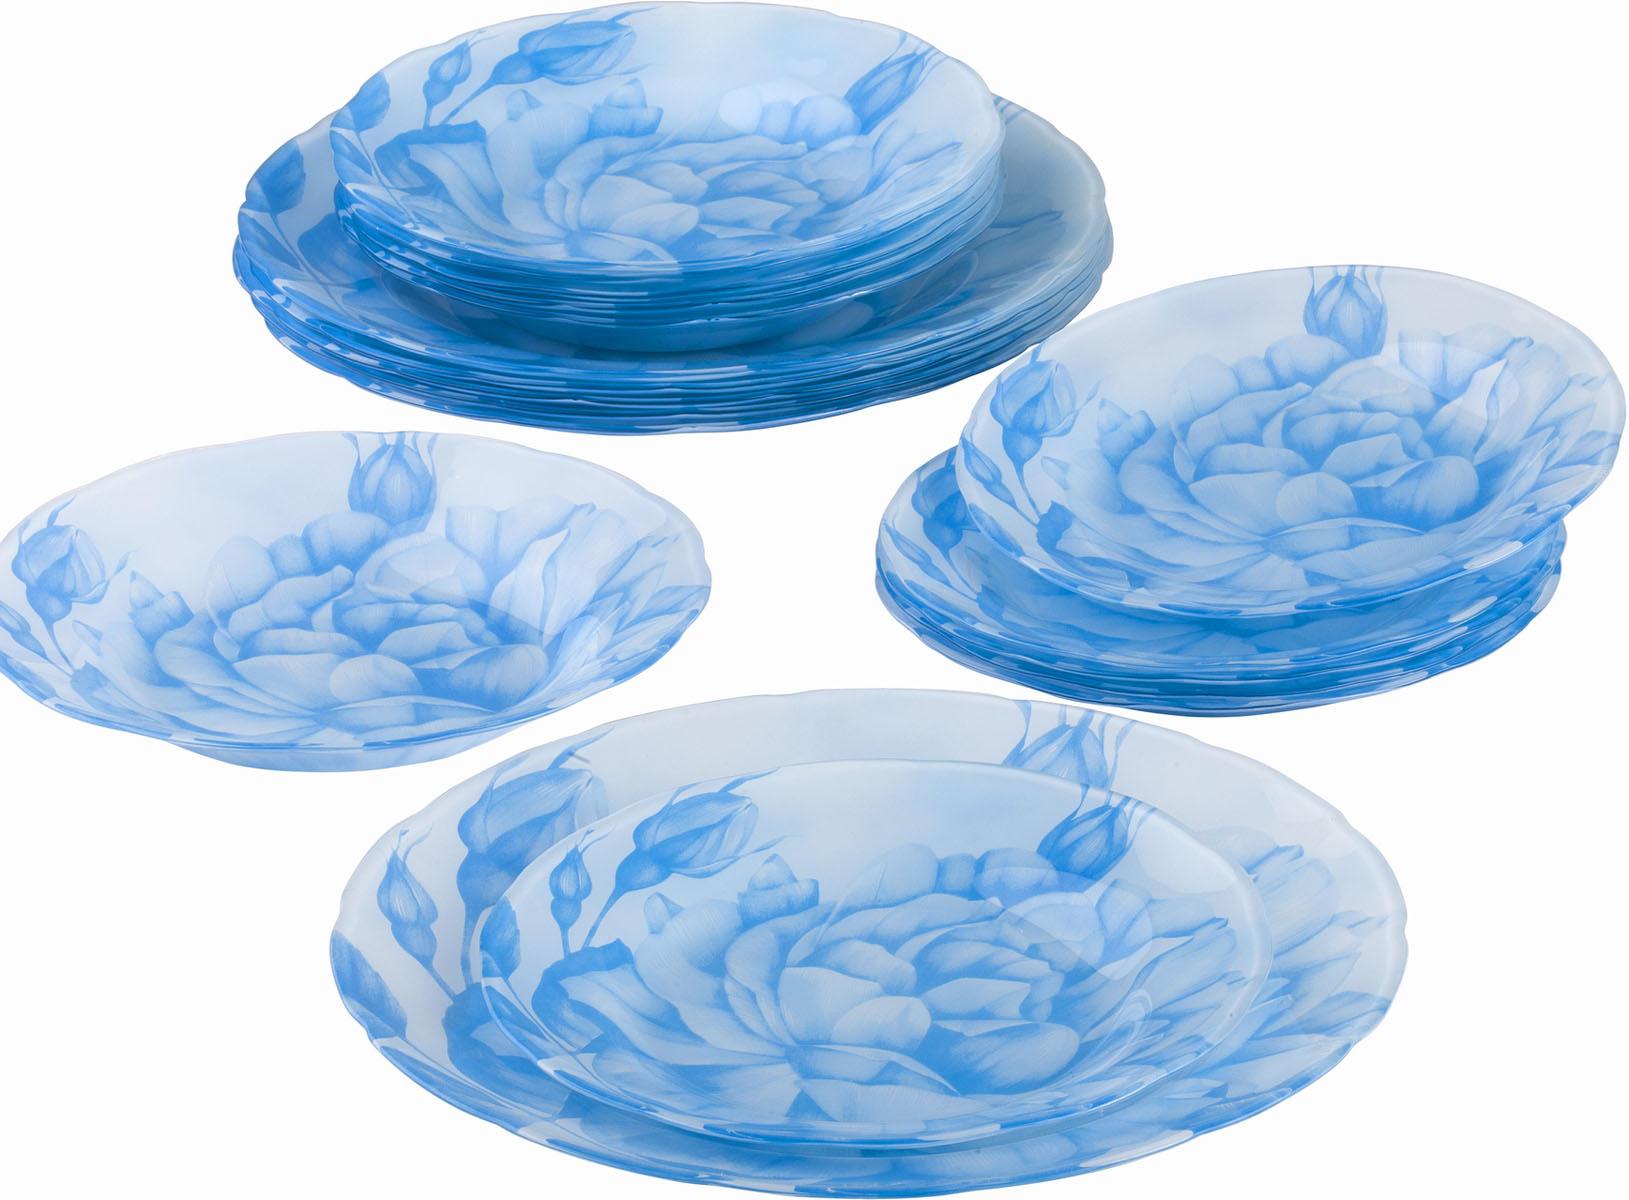 Сервиз обеденный Bekker Koch, 18 предметов. BK-9906BK-9906Обеденный сервиз Bekker Koch, изготовленный из высококачественного стекла, состоит из 6 суповых тарелок, 6 обеденных тарелок и 6 десертных тарелок. Изделия декорированы ярким изображением цветов. Такой сервиз придется по вкусу любителям классики, и тем, кто предпочитает утонченность и изысканность. Набор эффектно украсит стол к обеду, а также прекрасно подойдет для торжественных случаев.Не рекомендуется мыть в посудомоечной машине.